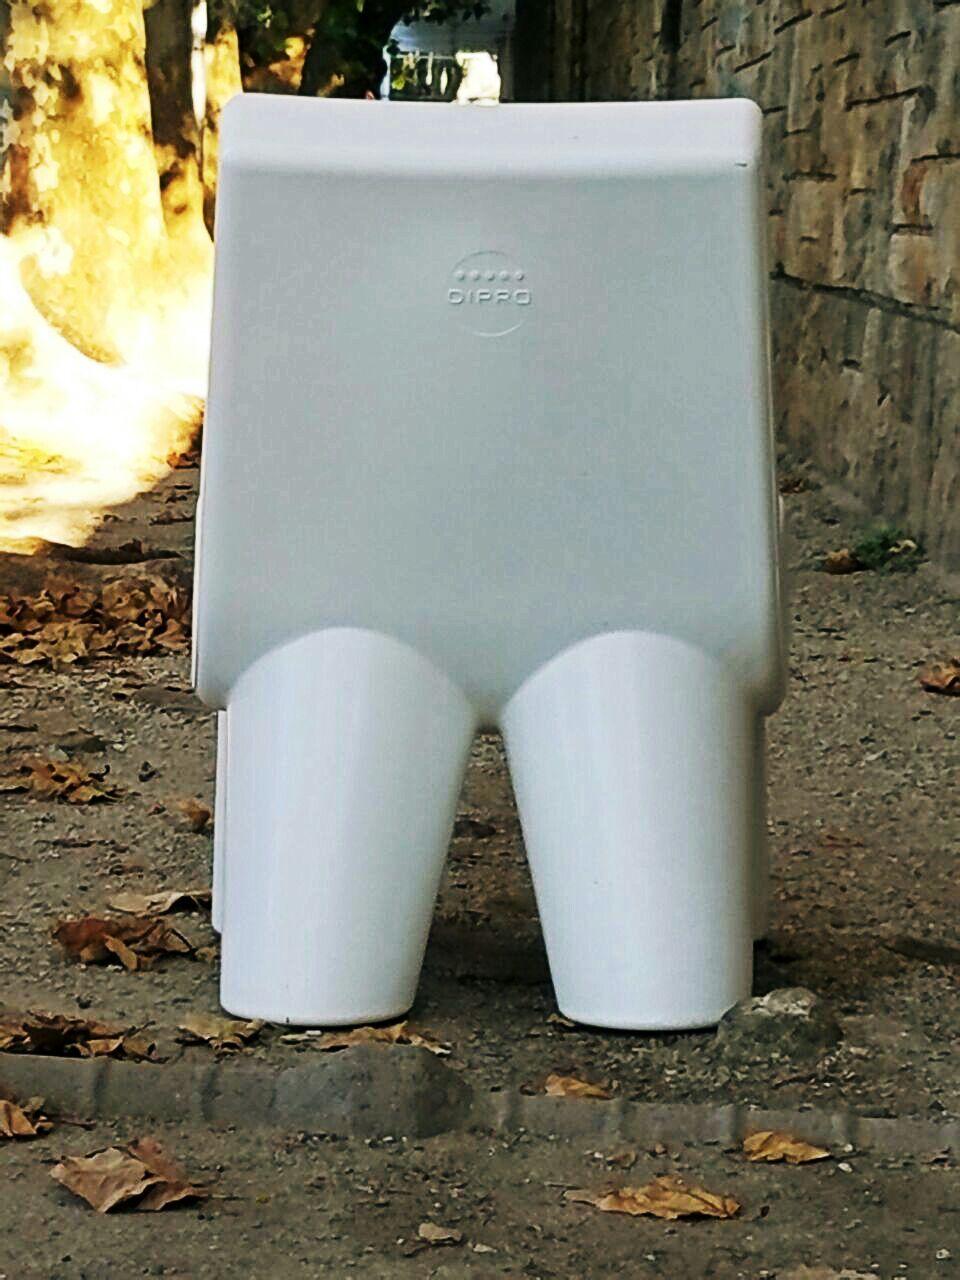 White Elephant Back Side Sillon Rotomoldeado Colecci N De Dipro  # Muebles Rotomoldeados